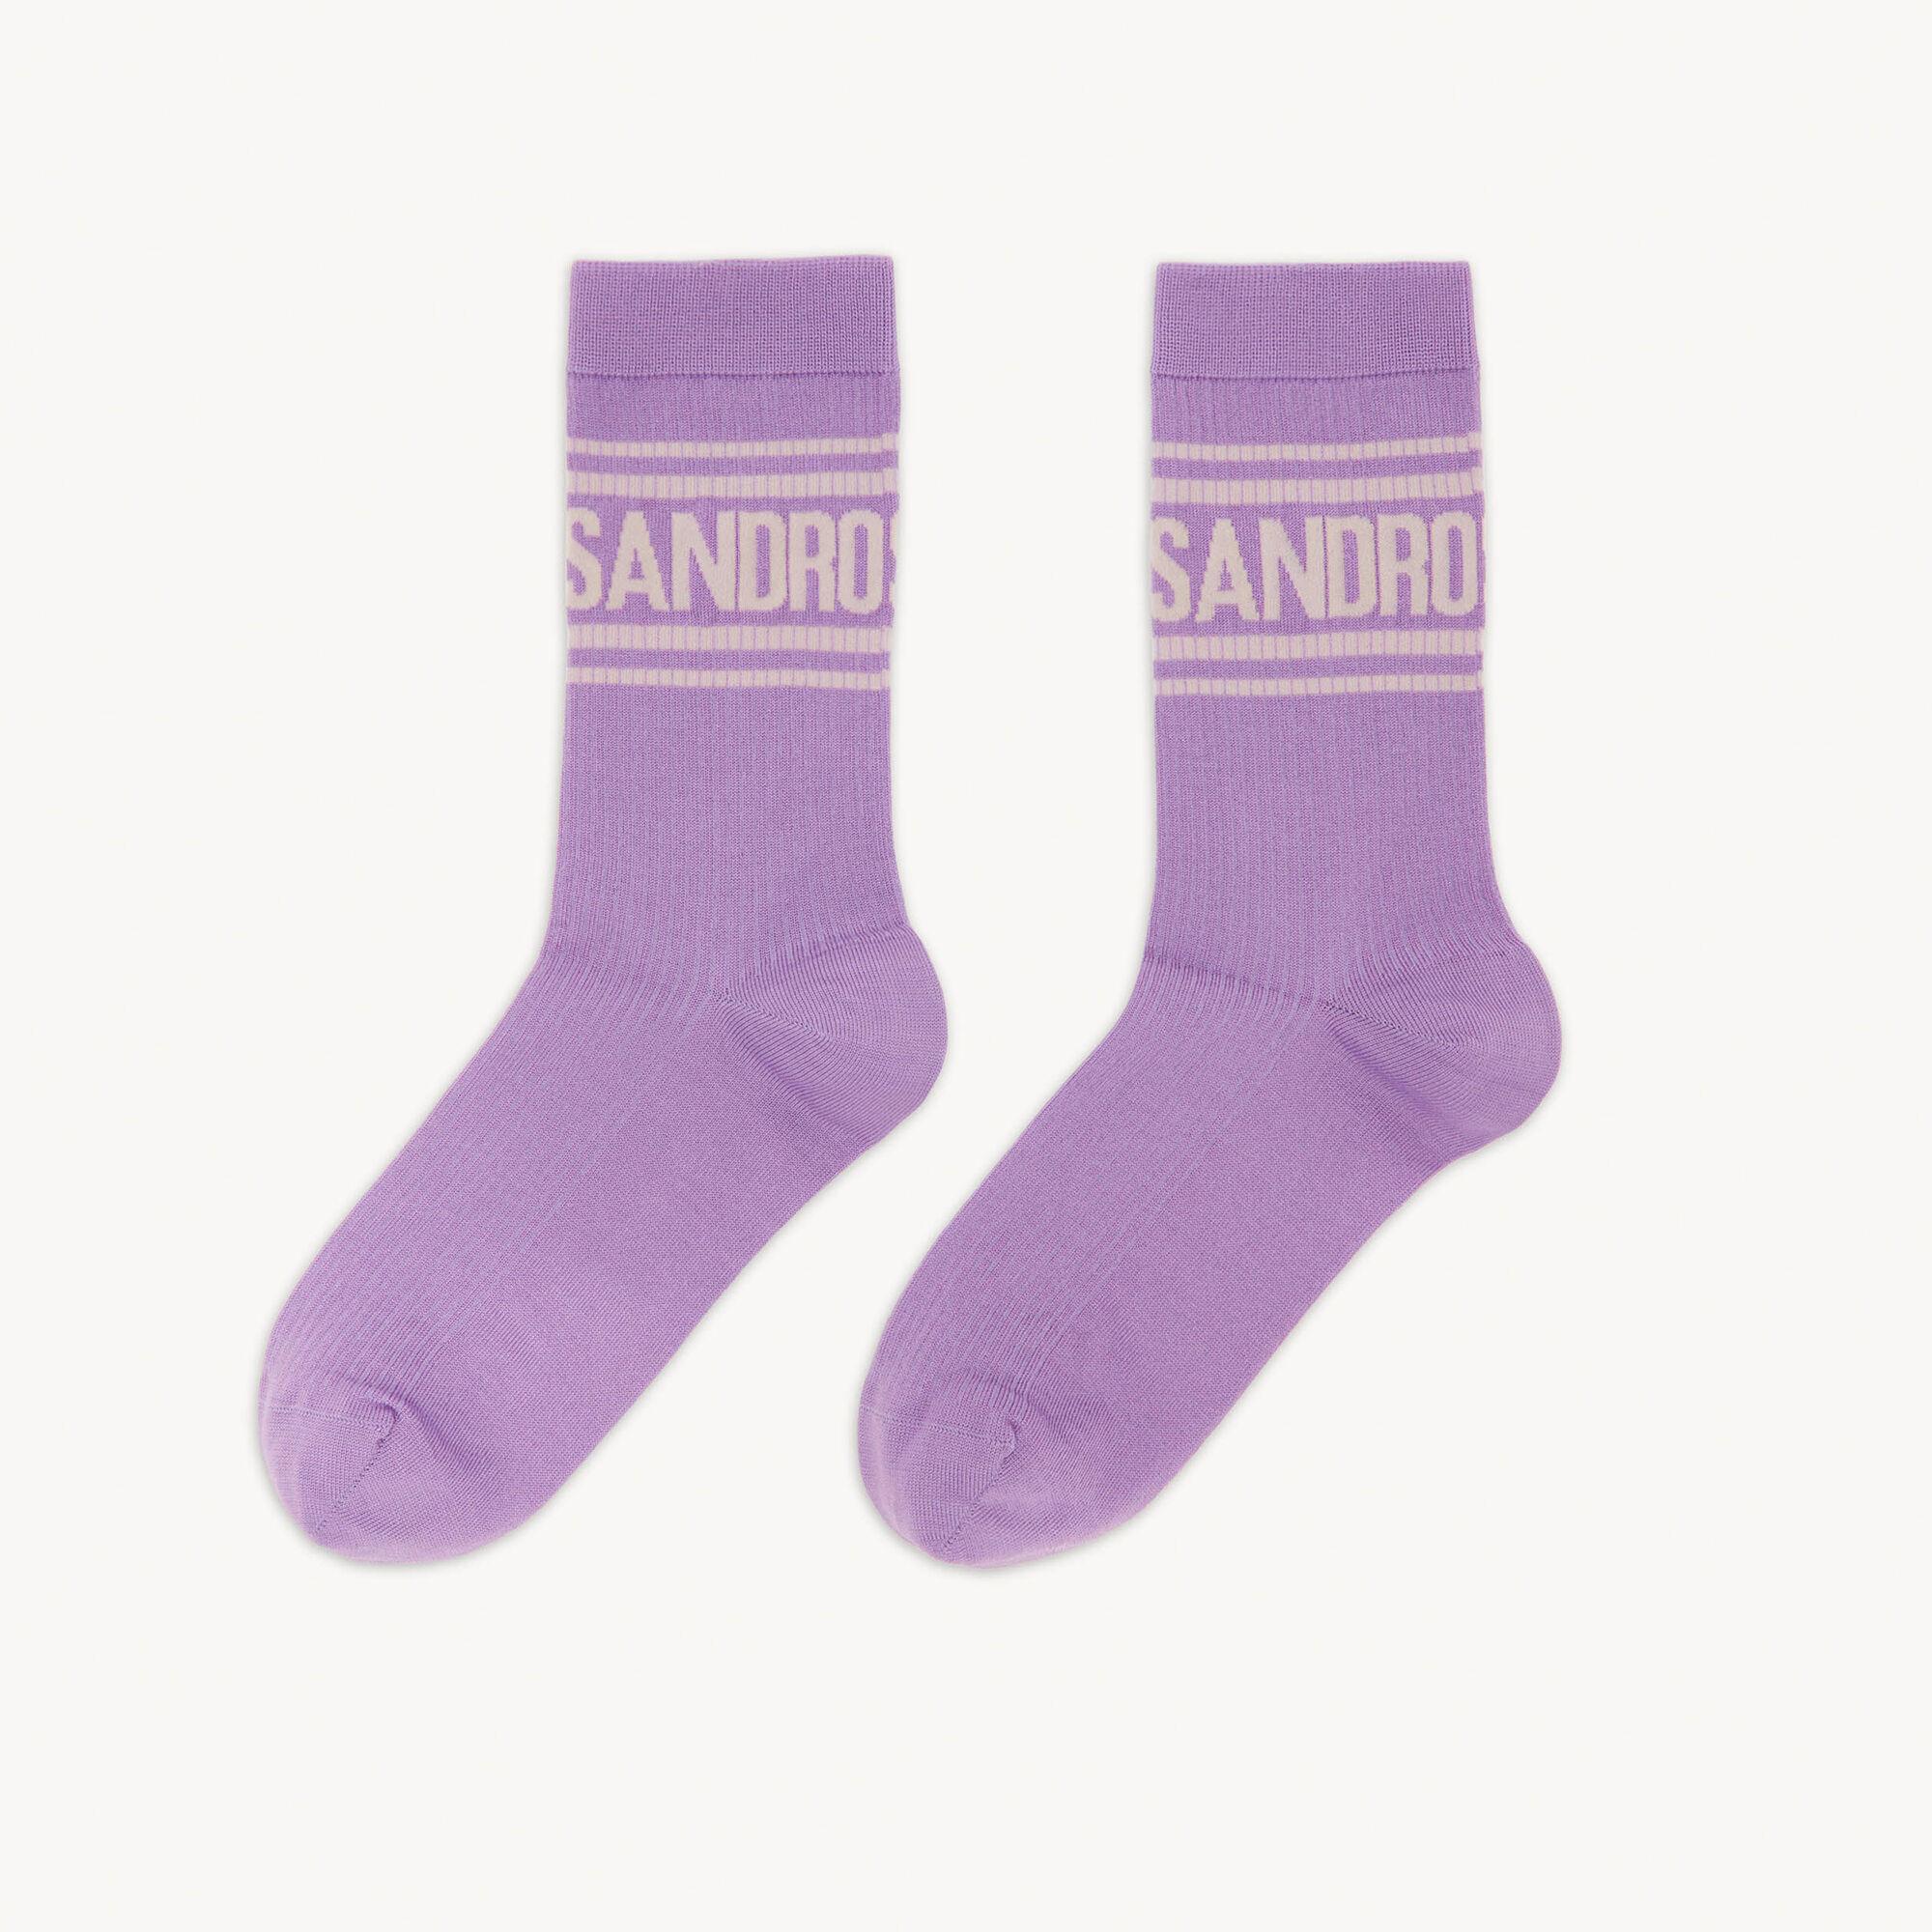 Socks with Sandro logo and stripes - Sandro - Modalova